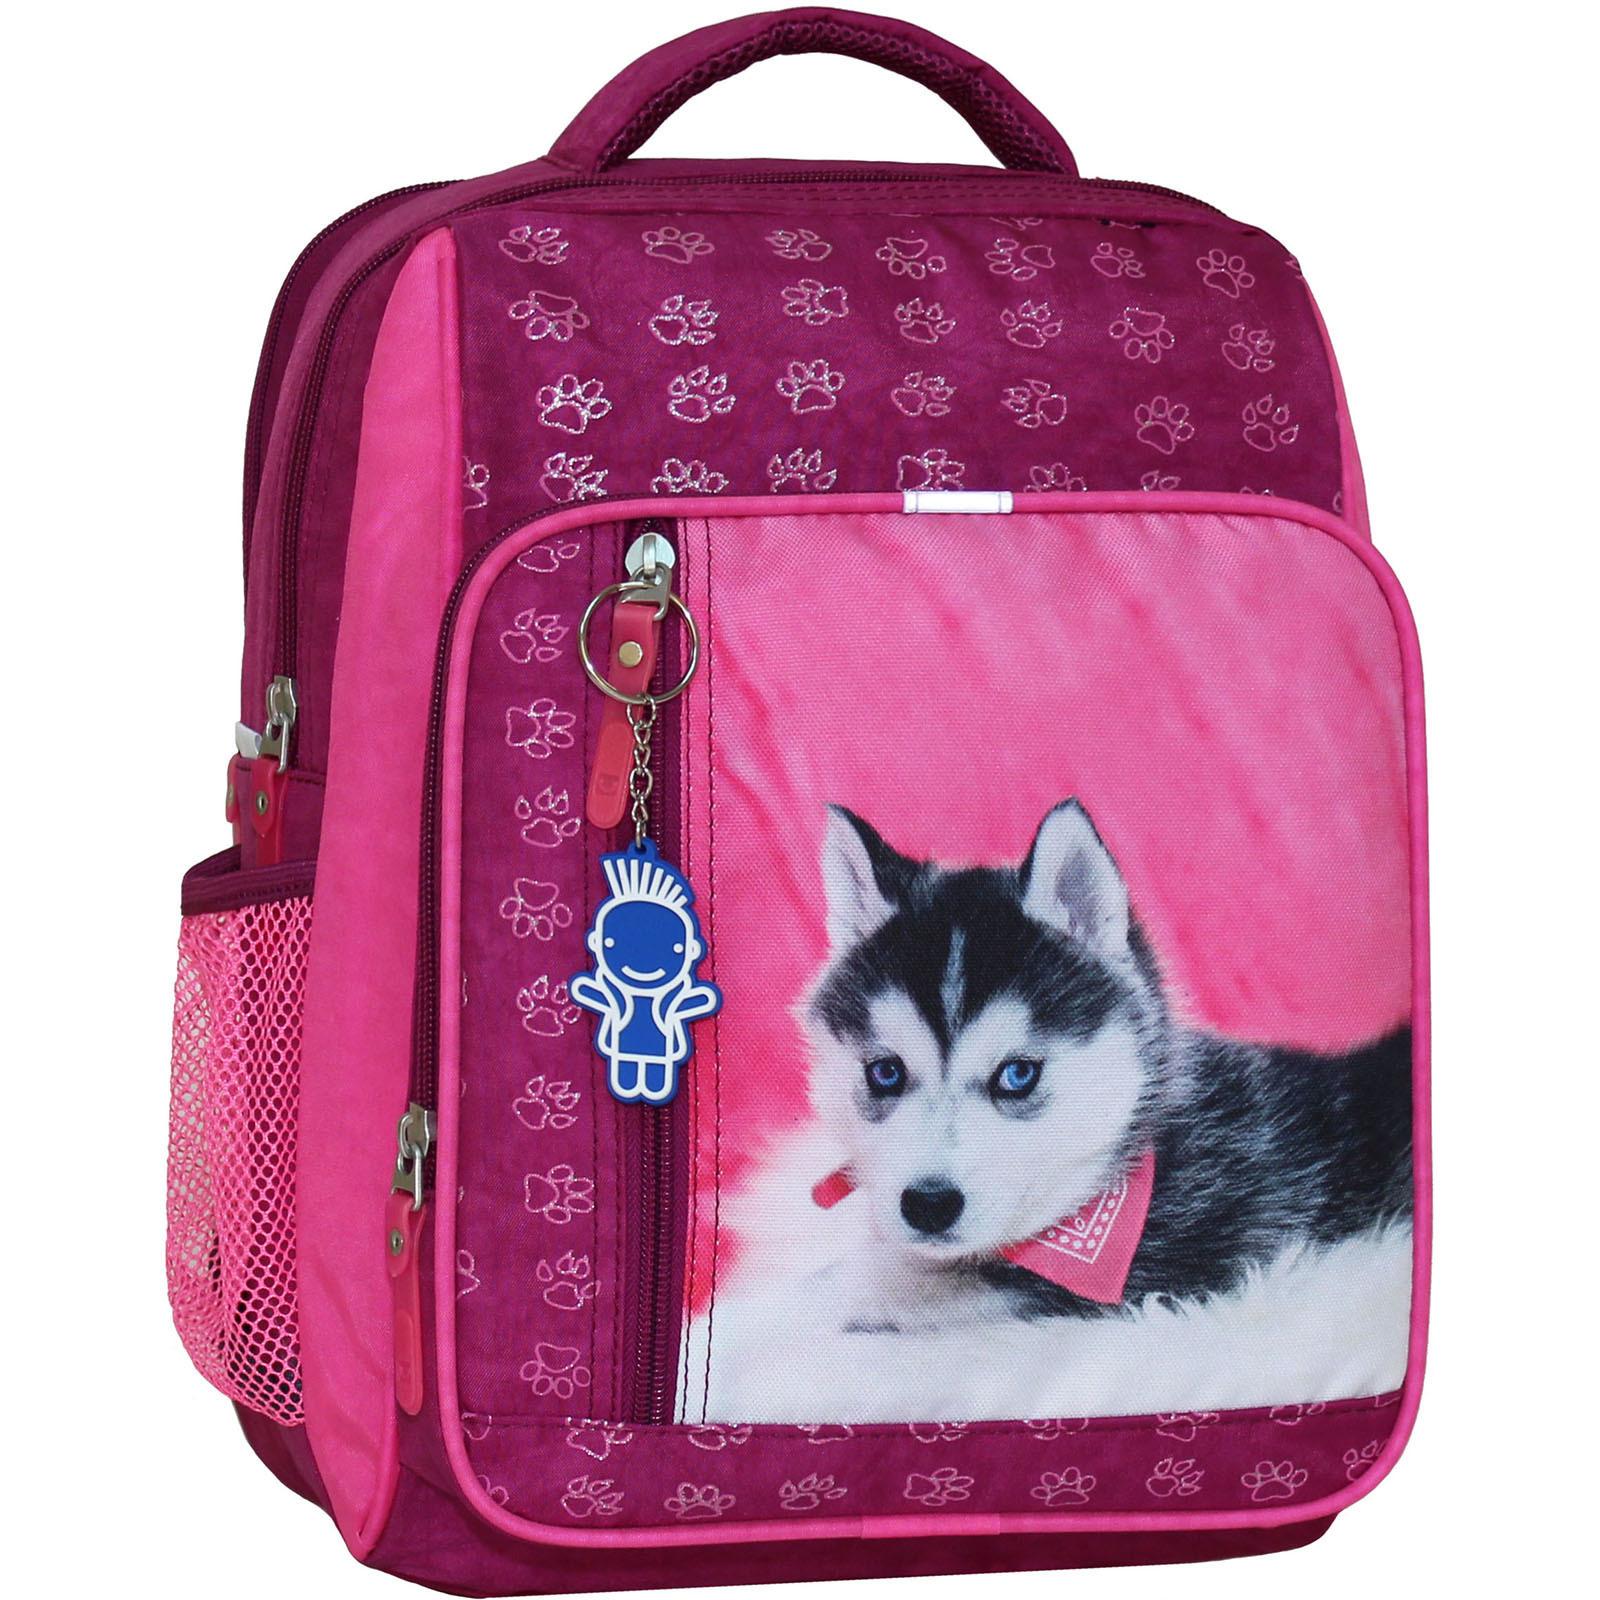 Школьные рюкзаки Рюкзак школьный Bagland Школьник 8 л. 143 малиновый 141д (0012870) IMG_4736.JPG